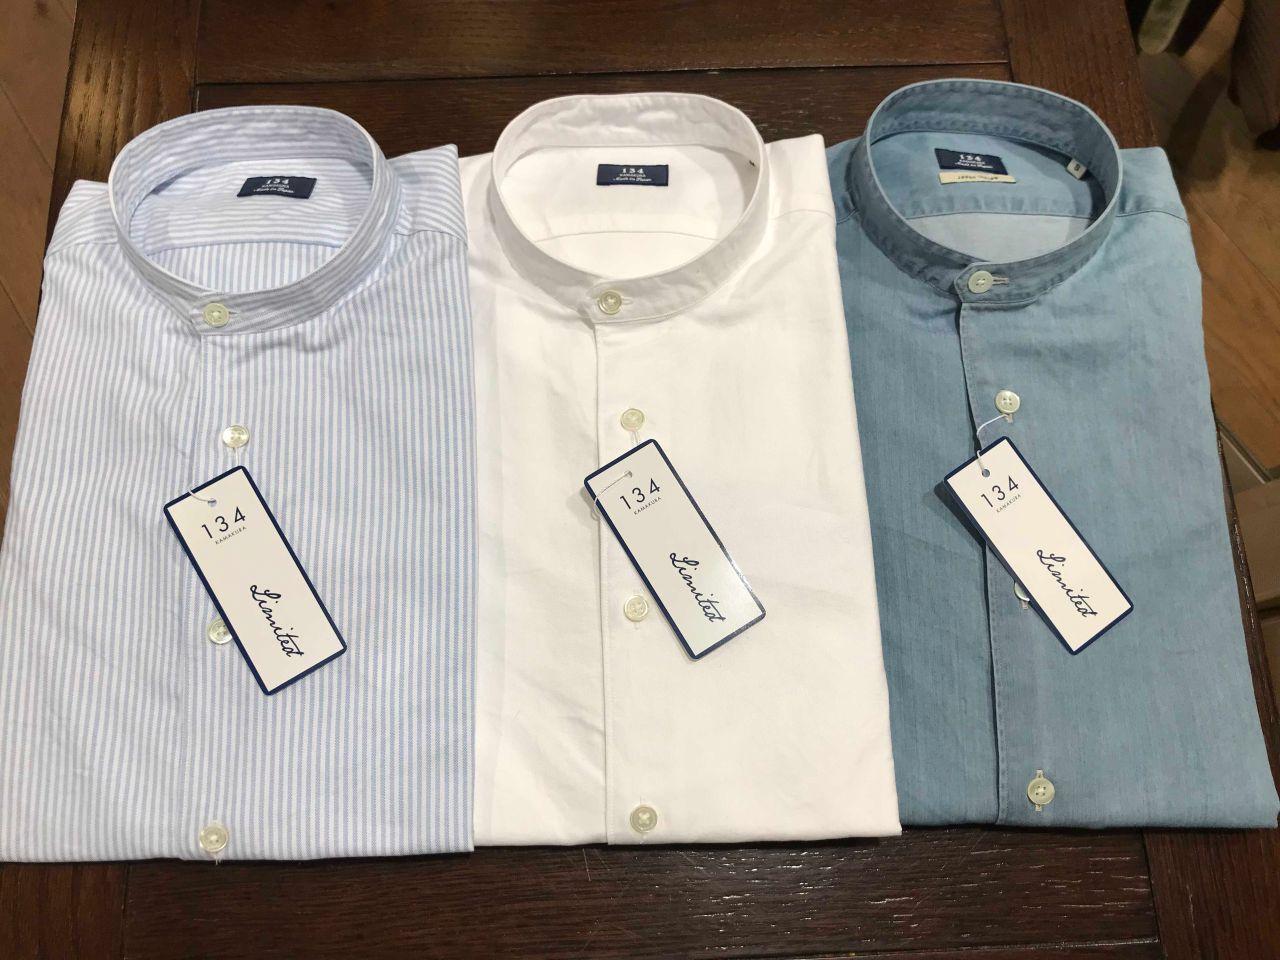 鎌倉本店に、カジュアル134から新作のシャツが入荷しました!